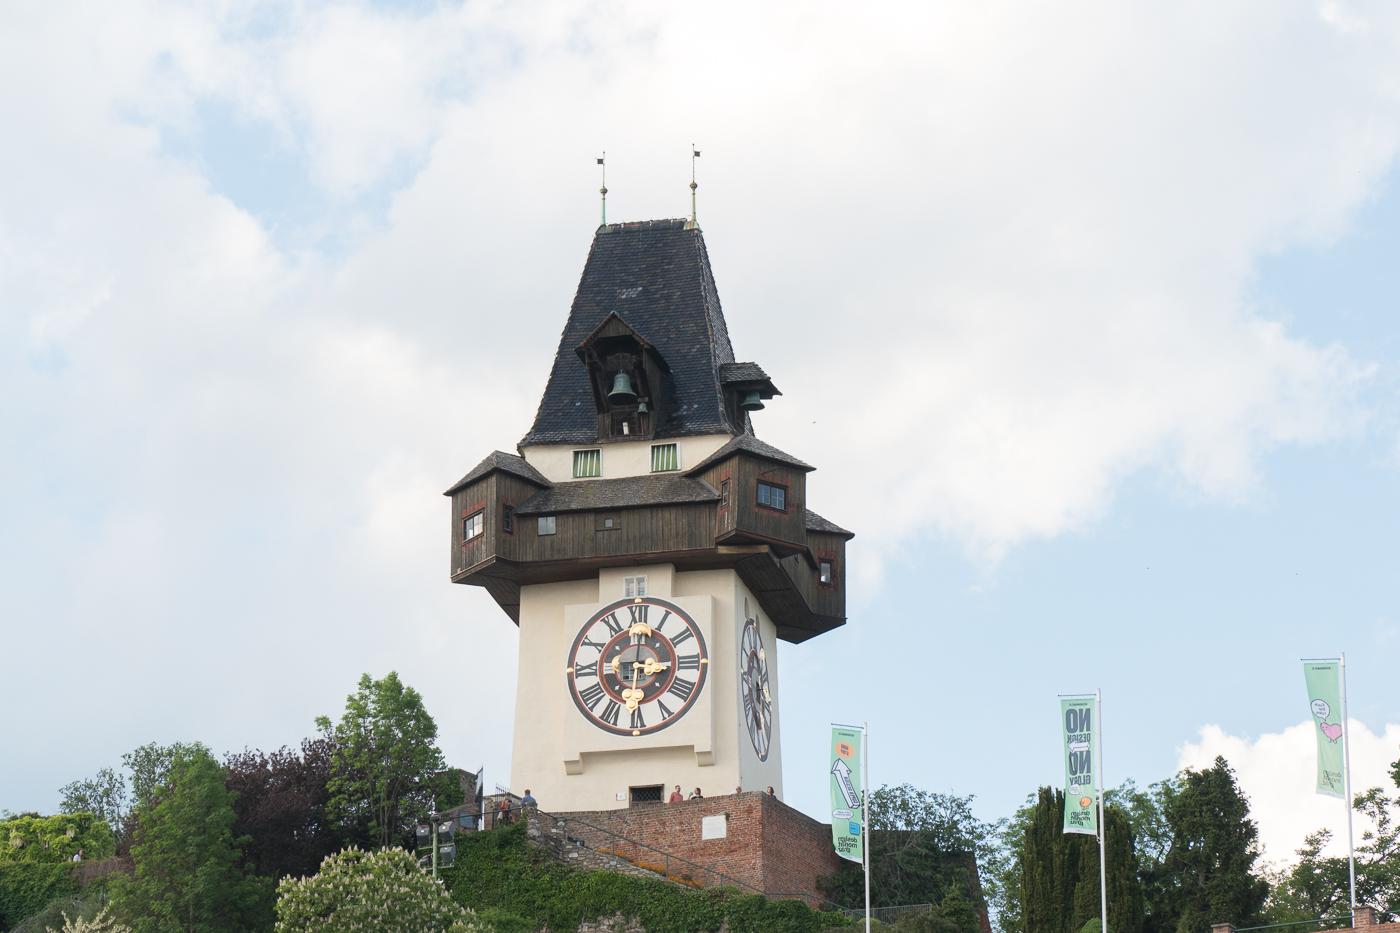 tour de l'horloge/Uhrturm au Schlossberg de Graz